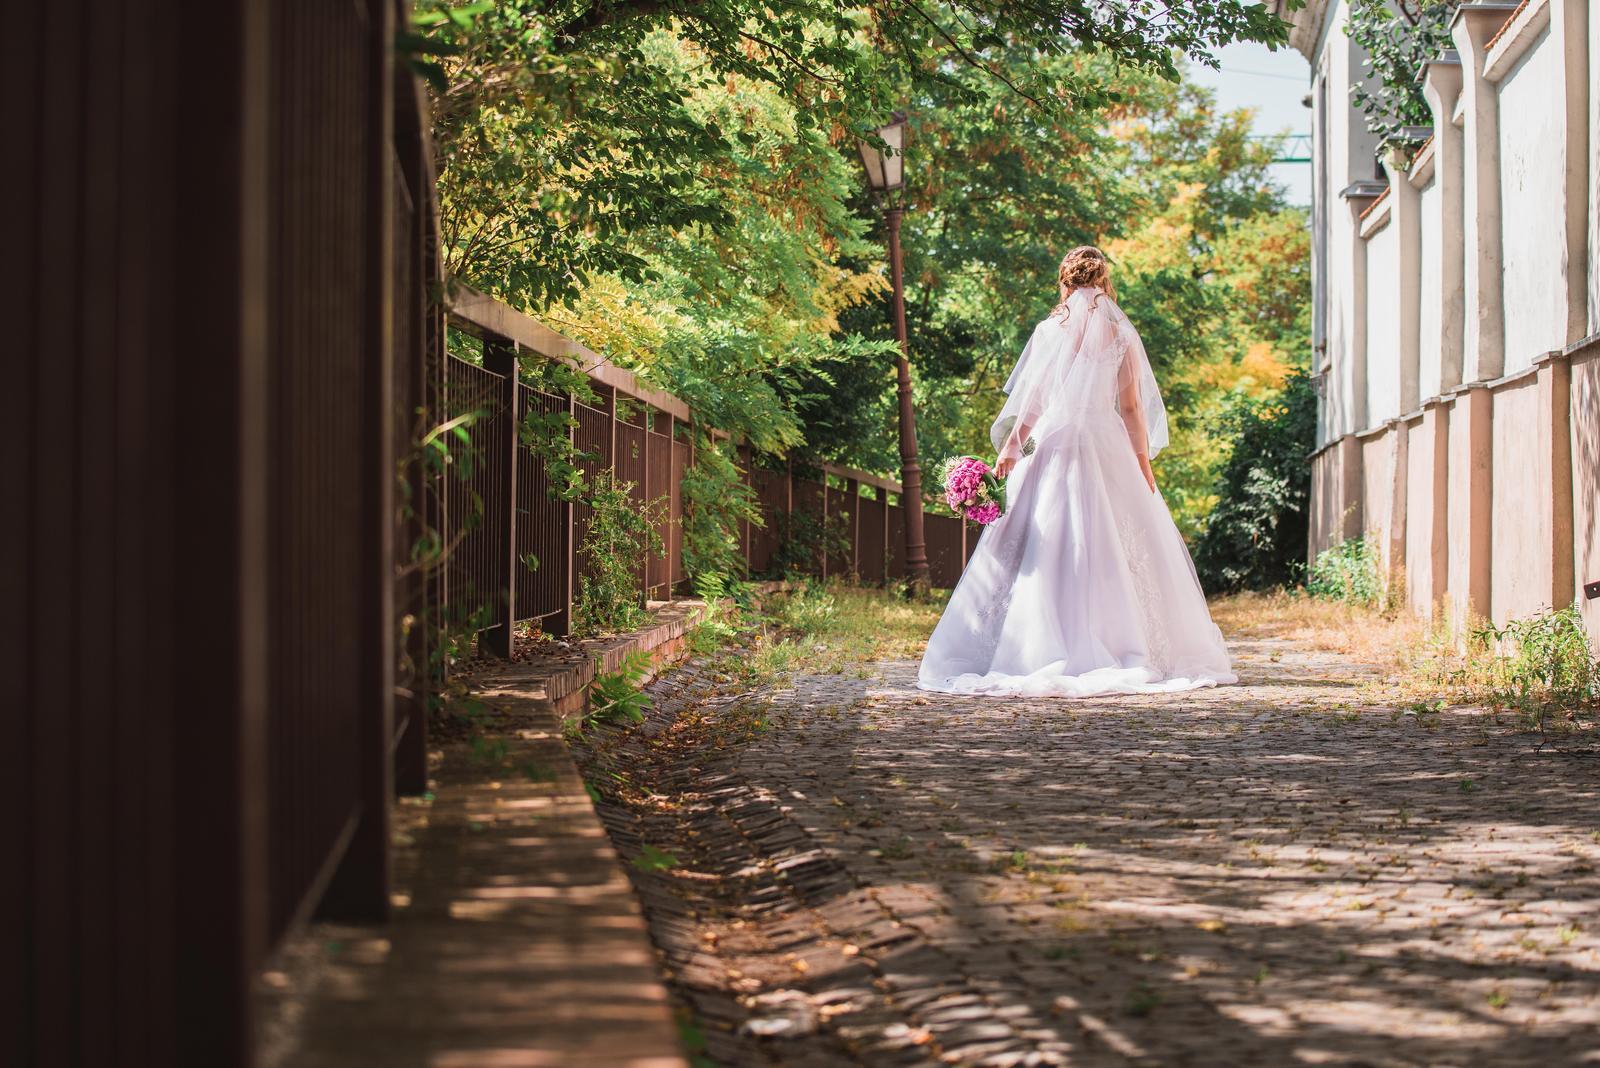 Biele svadobné šaty s vlečkou 36-38 - Obrázok č. 4